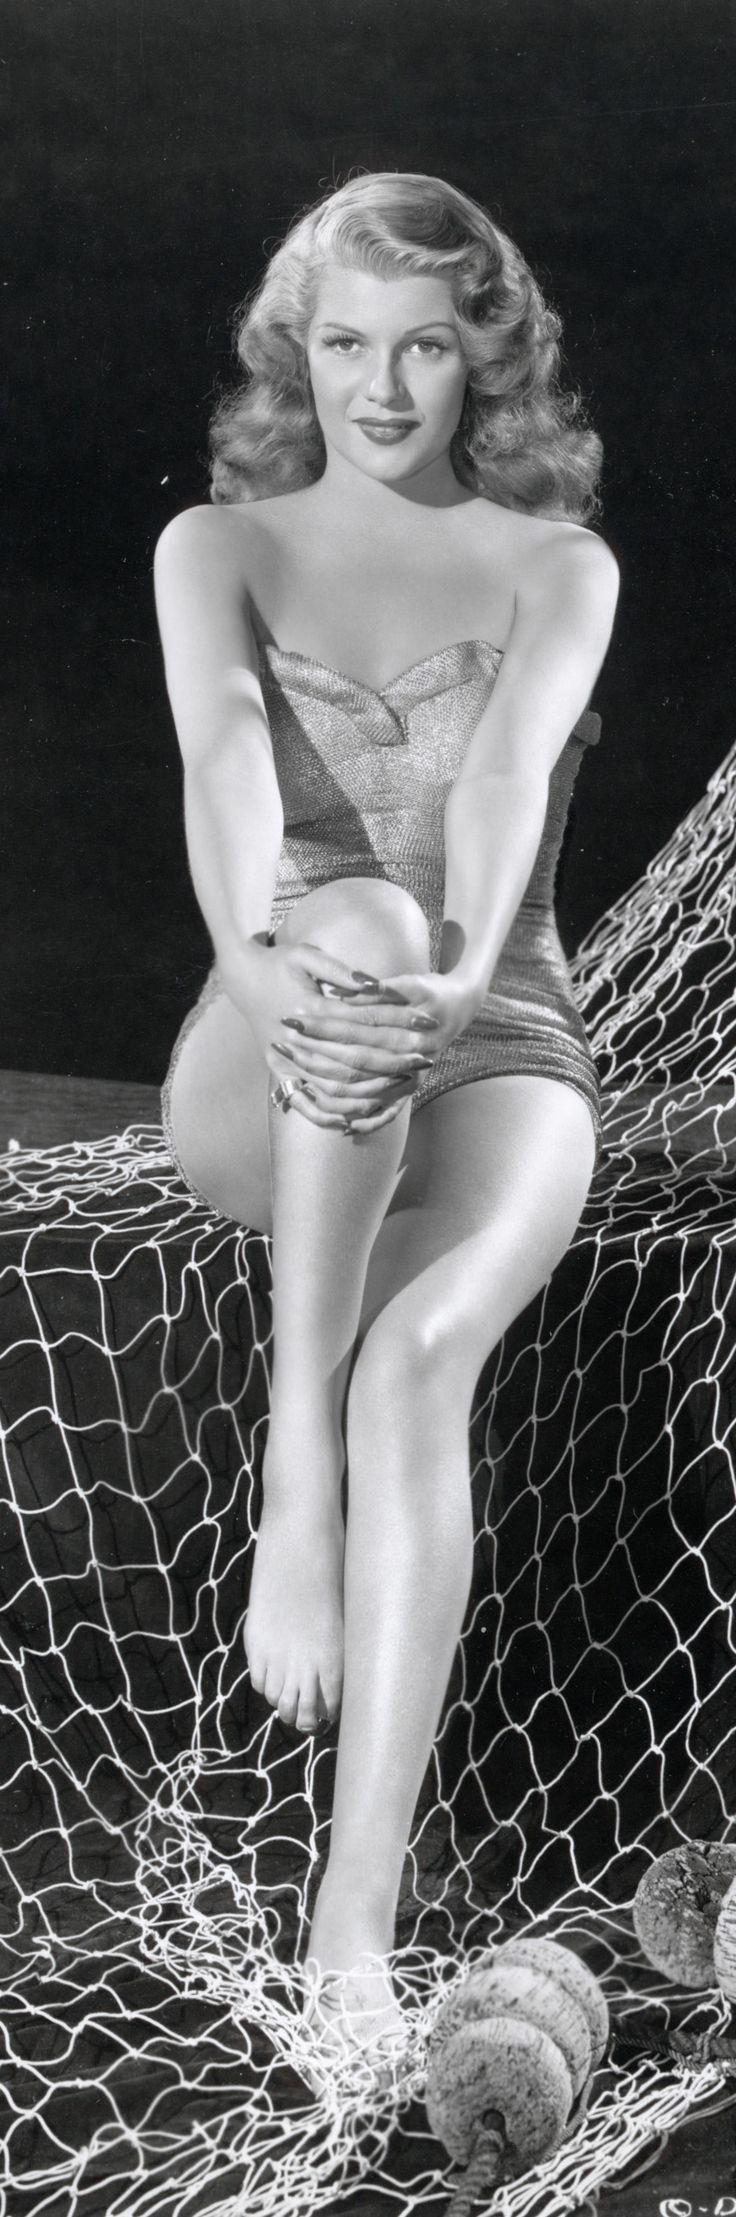 Rita hayworth porn nude movies